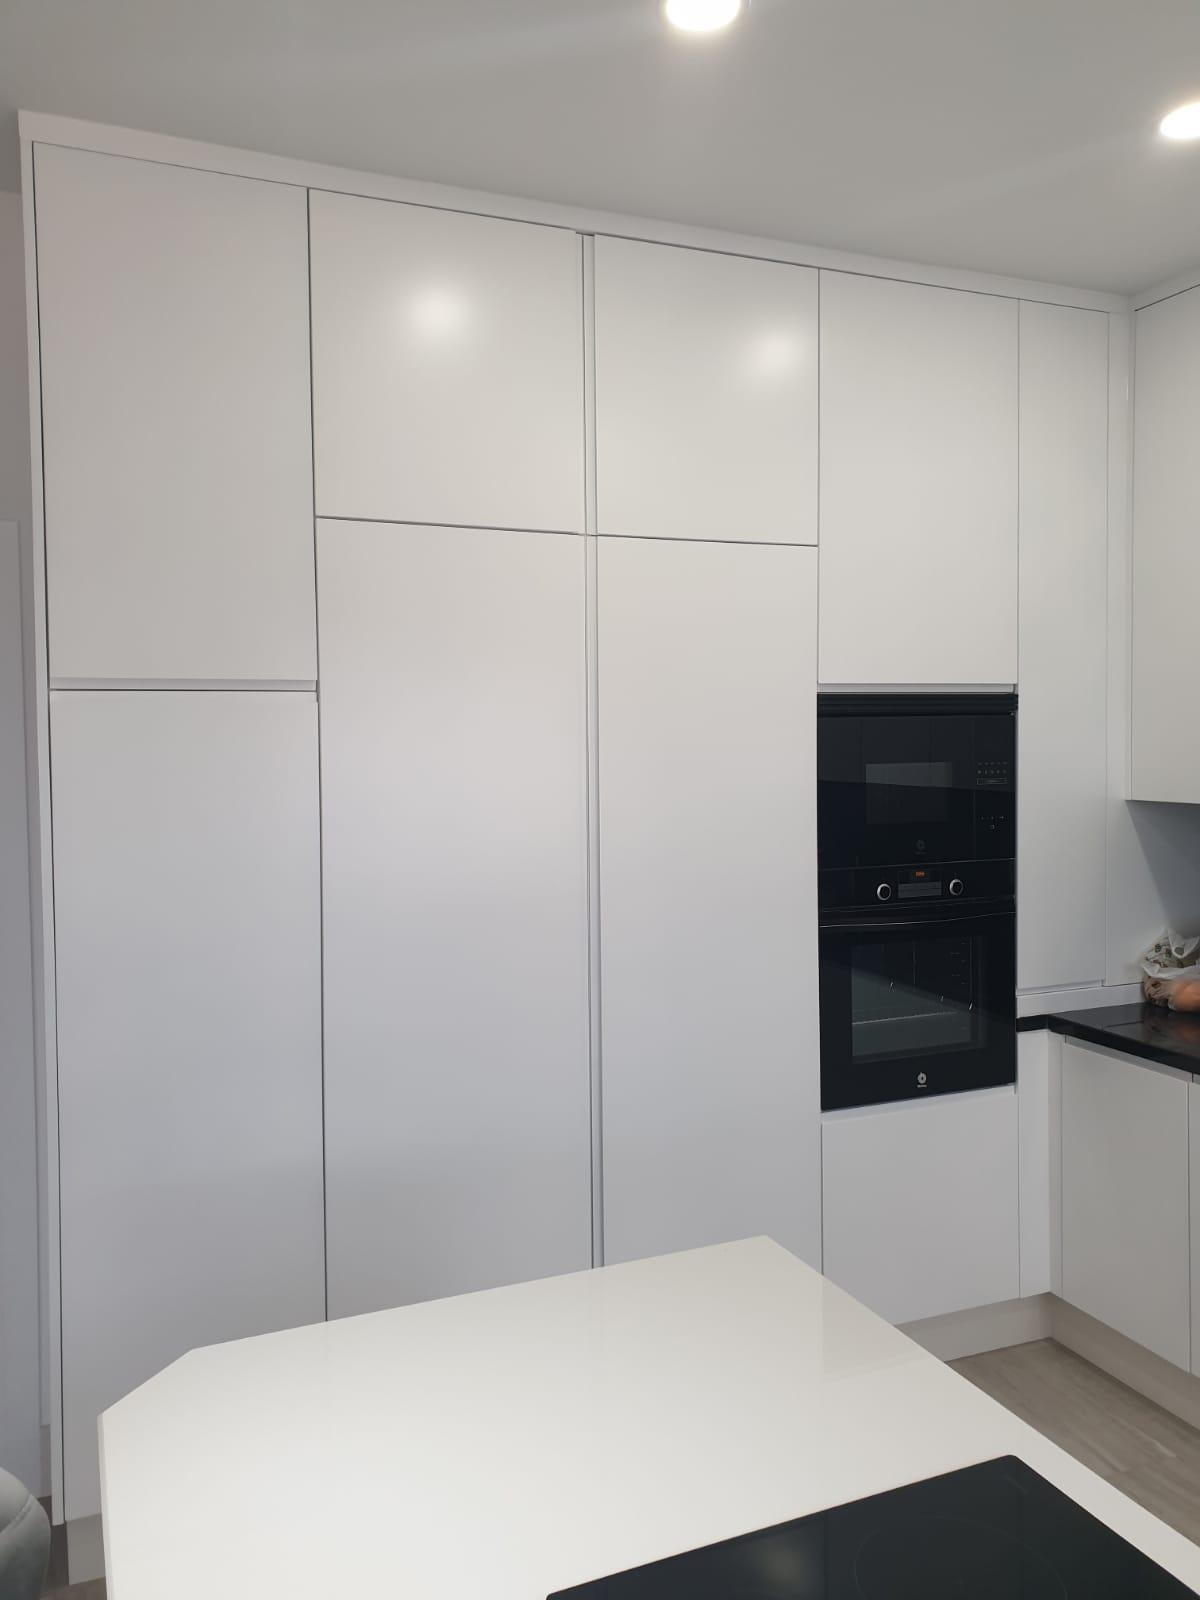 Cocina a medida con espacio extra y mucho más